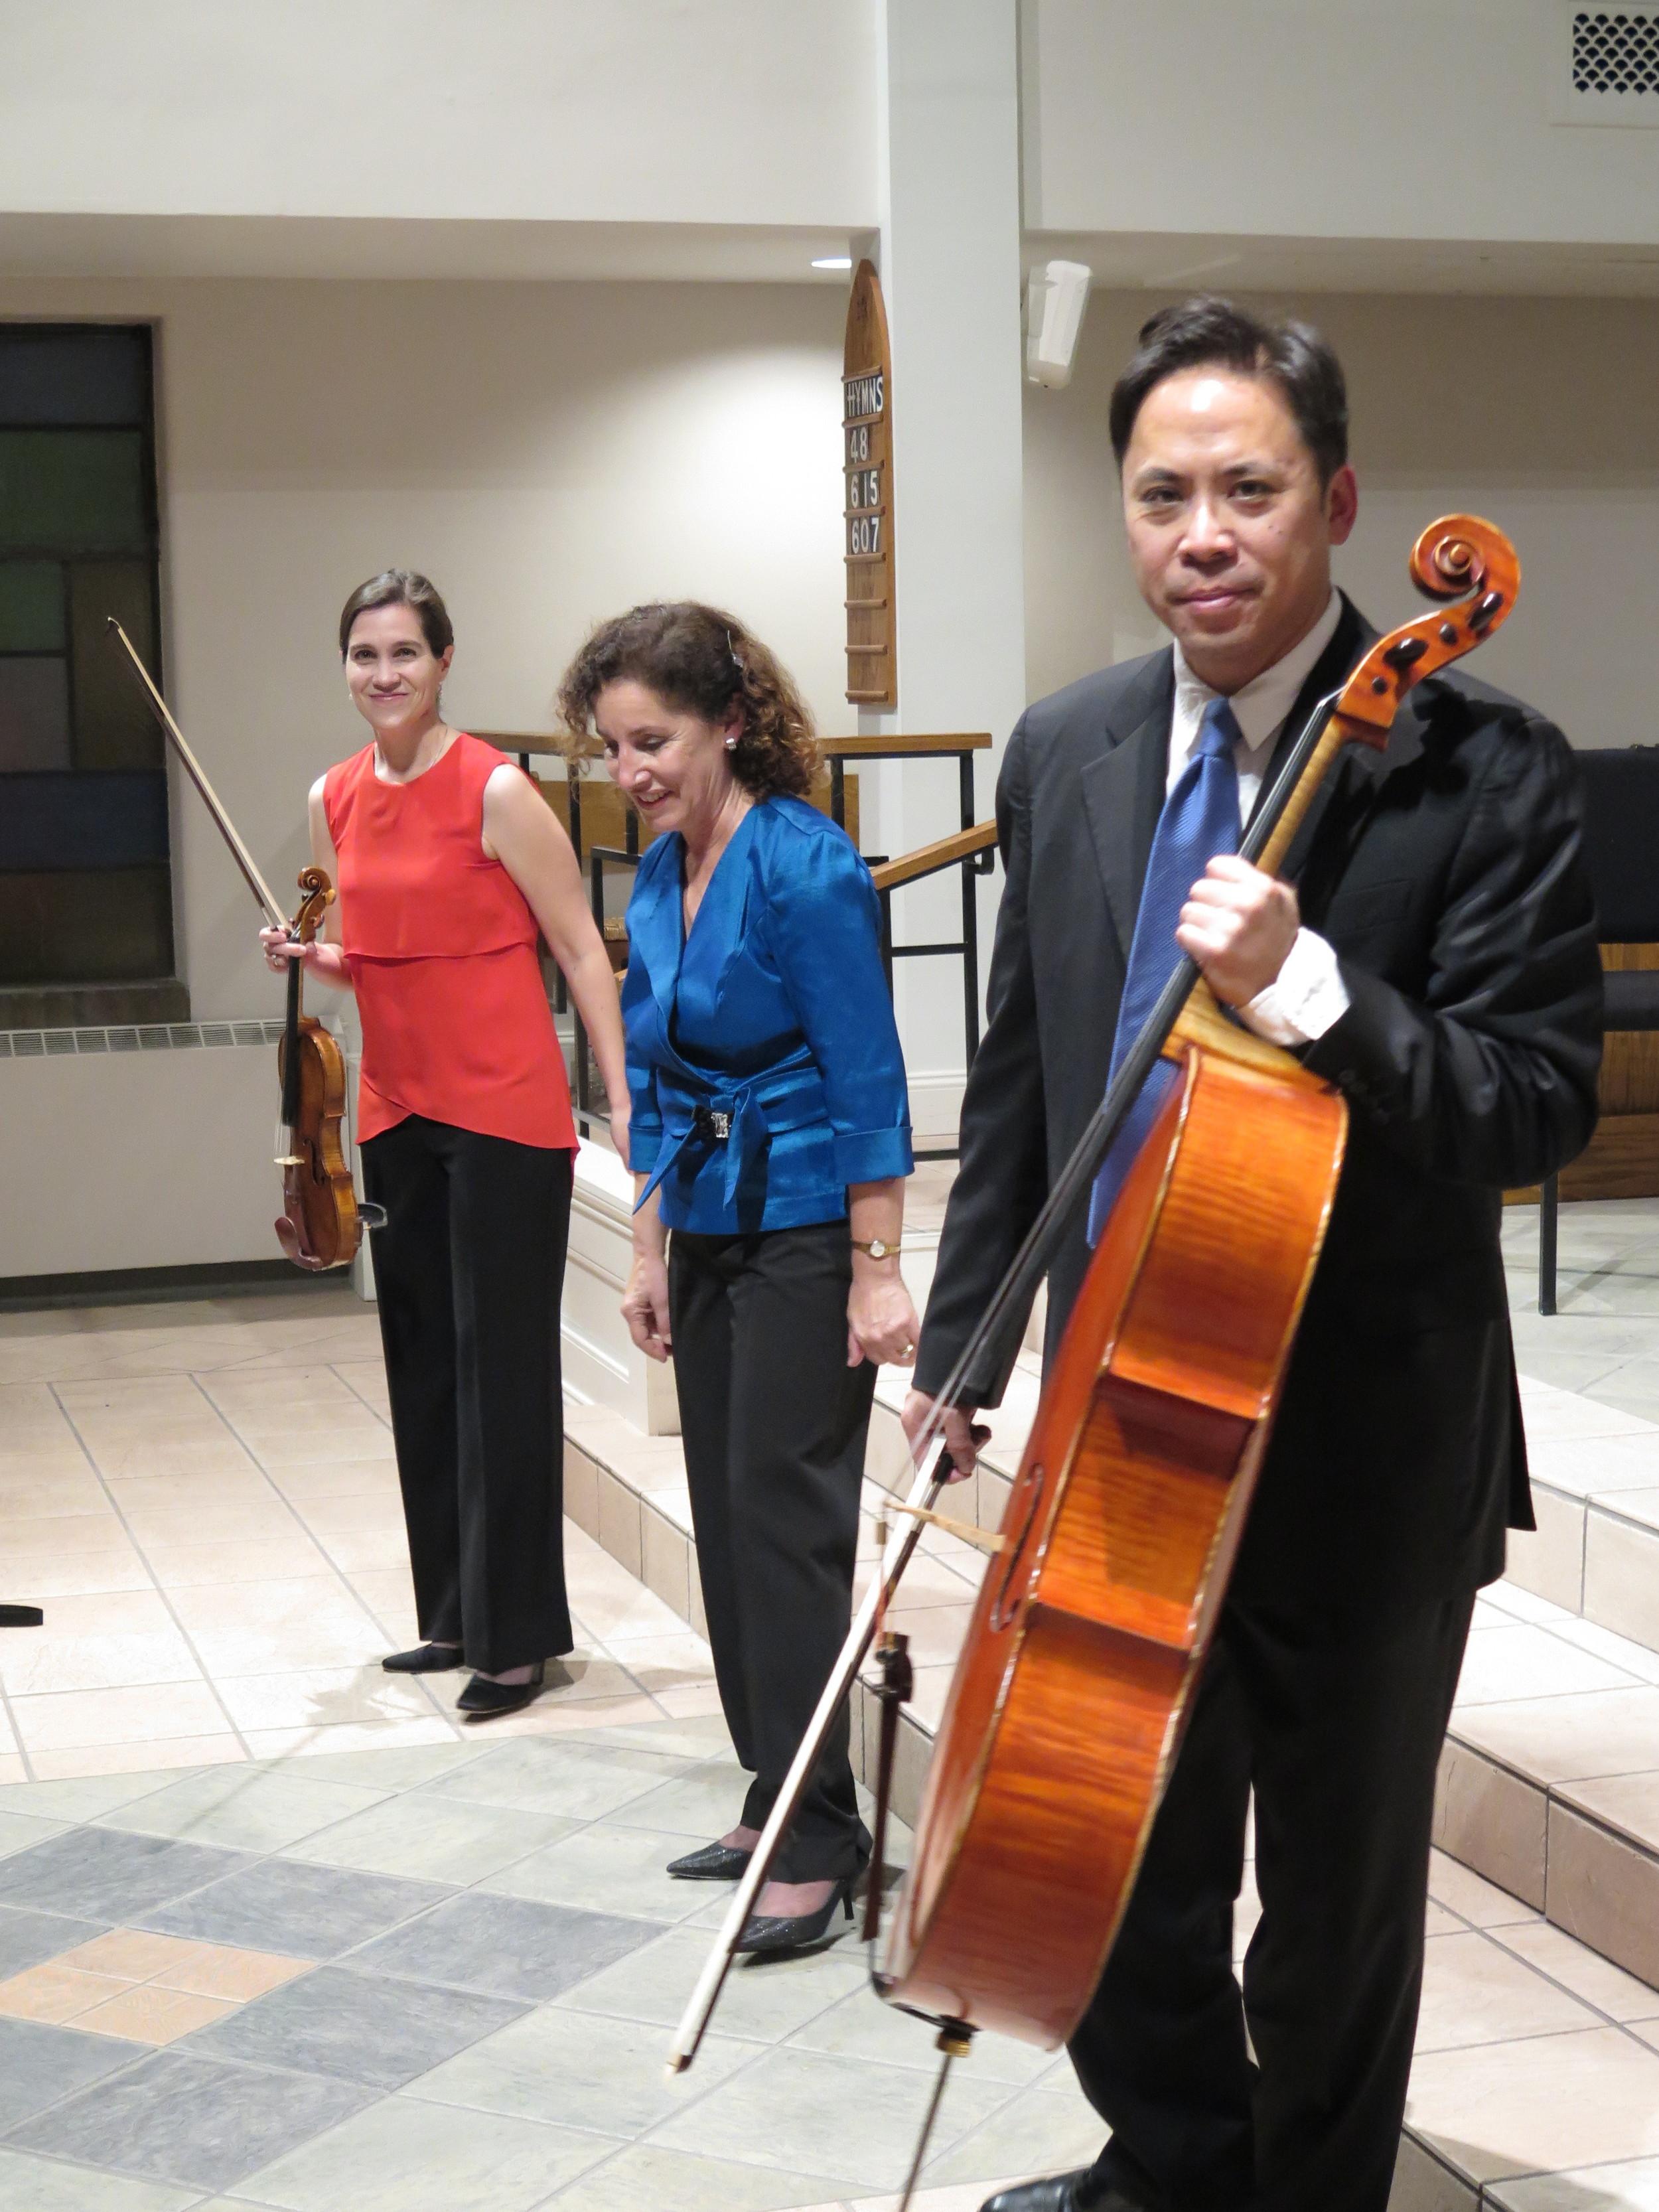 The Blakemore Trio: Carolyn Huebl, violin, Amy Dorfman, Piano, Felix Wang, cello